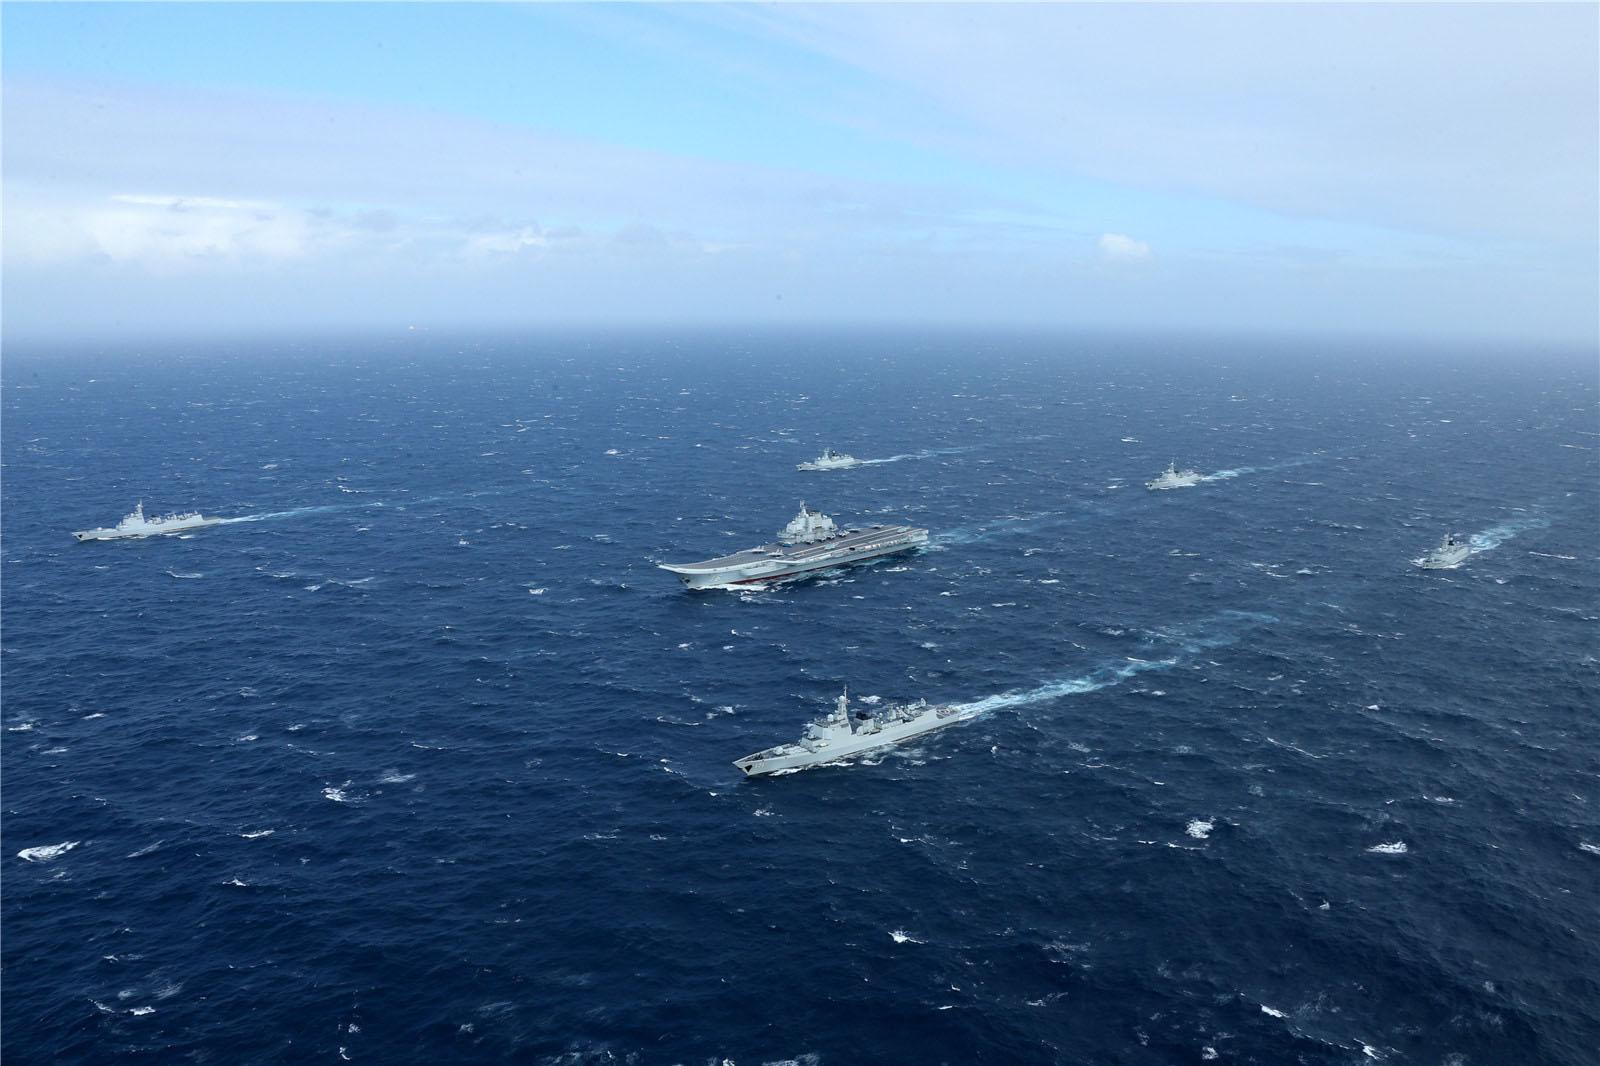 少将:中国肯定将有更大航母 搭载固定翼预警机